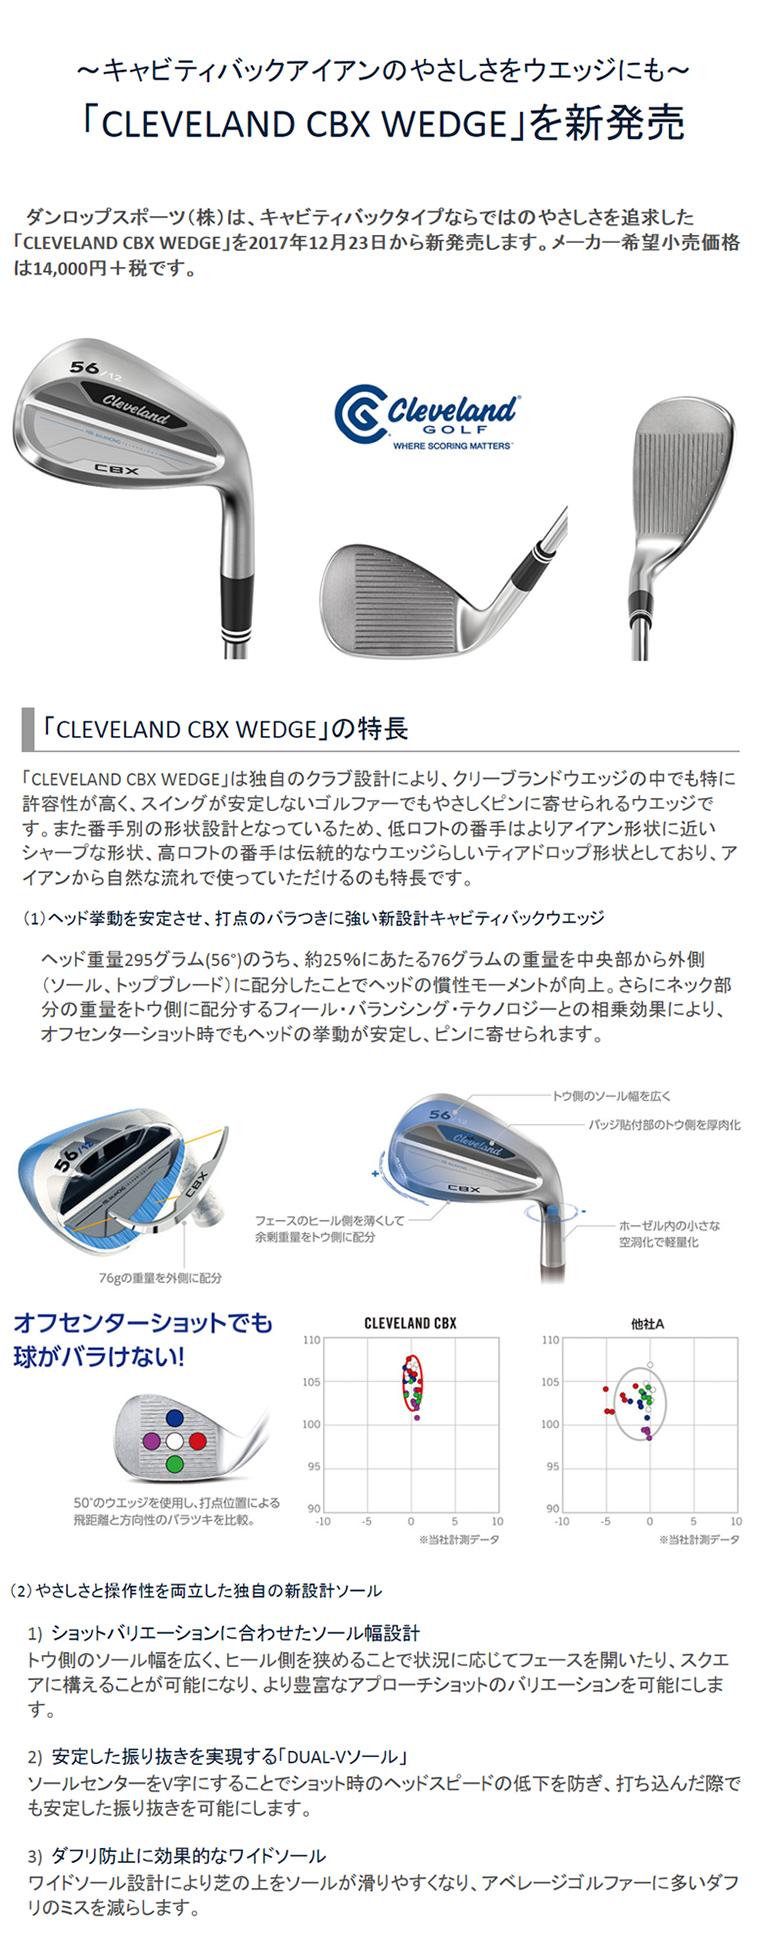 CGCBX ウェッジ_1